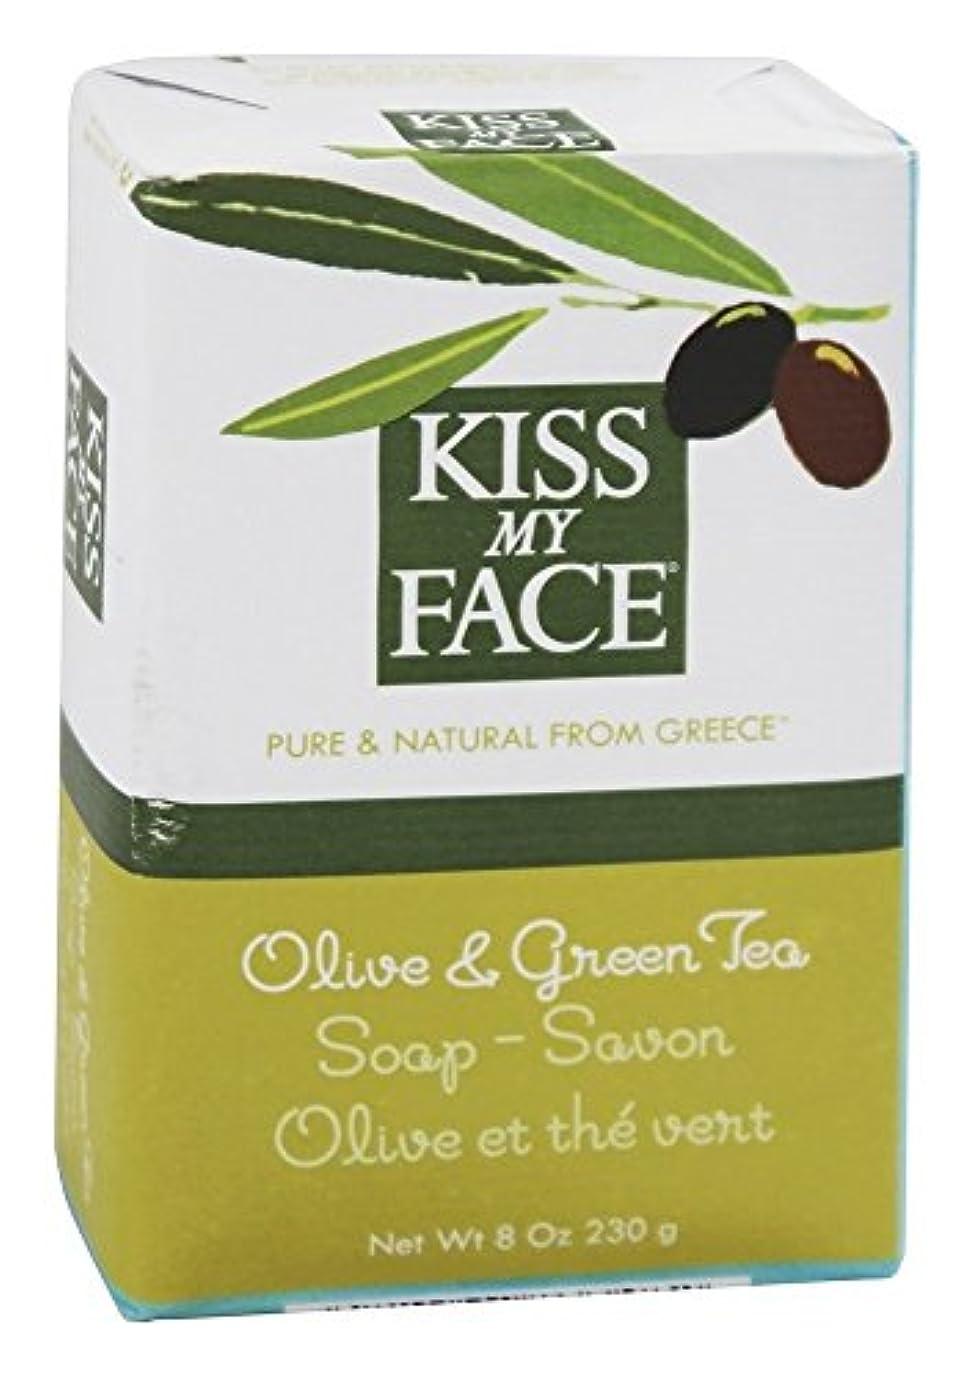 エジプト人控えめな提唱するKiss My Face - オリーブ石鹸&グリーン ティー - 8ポンド [並行輸入品]